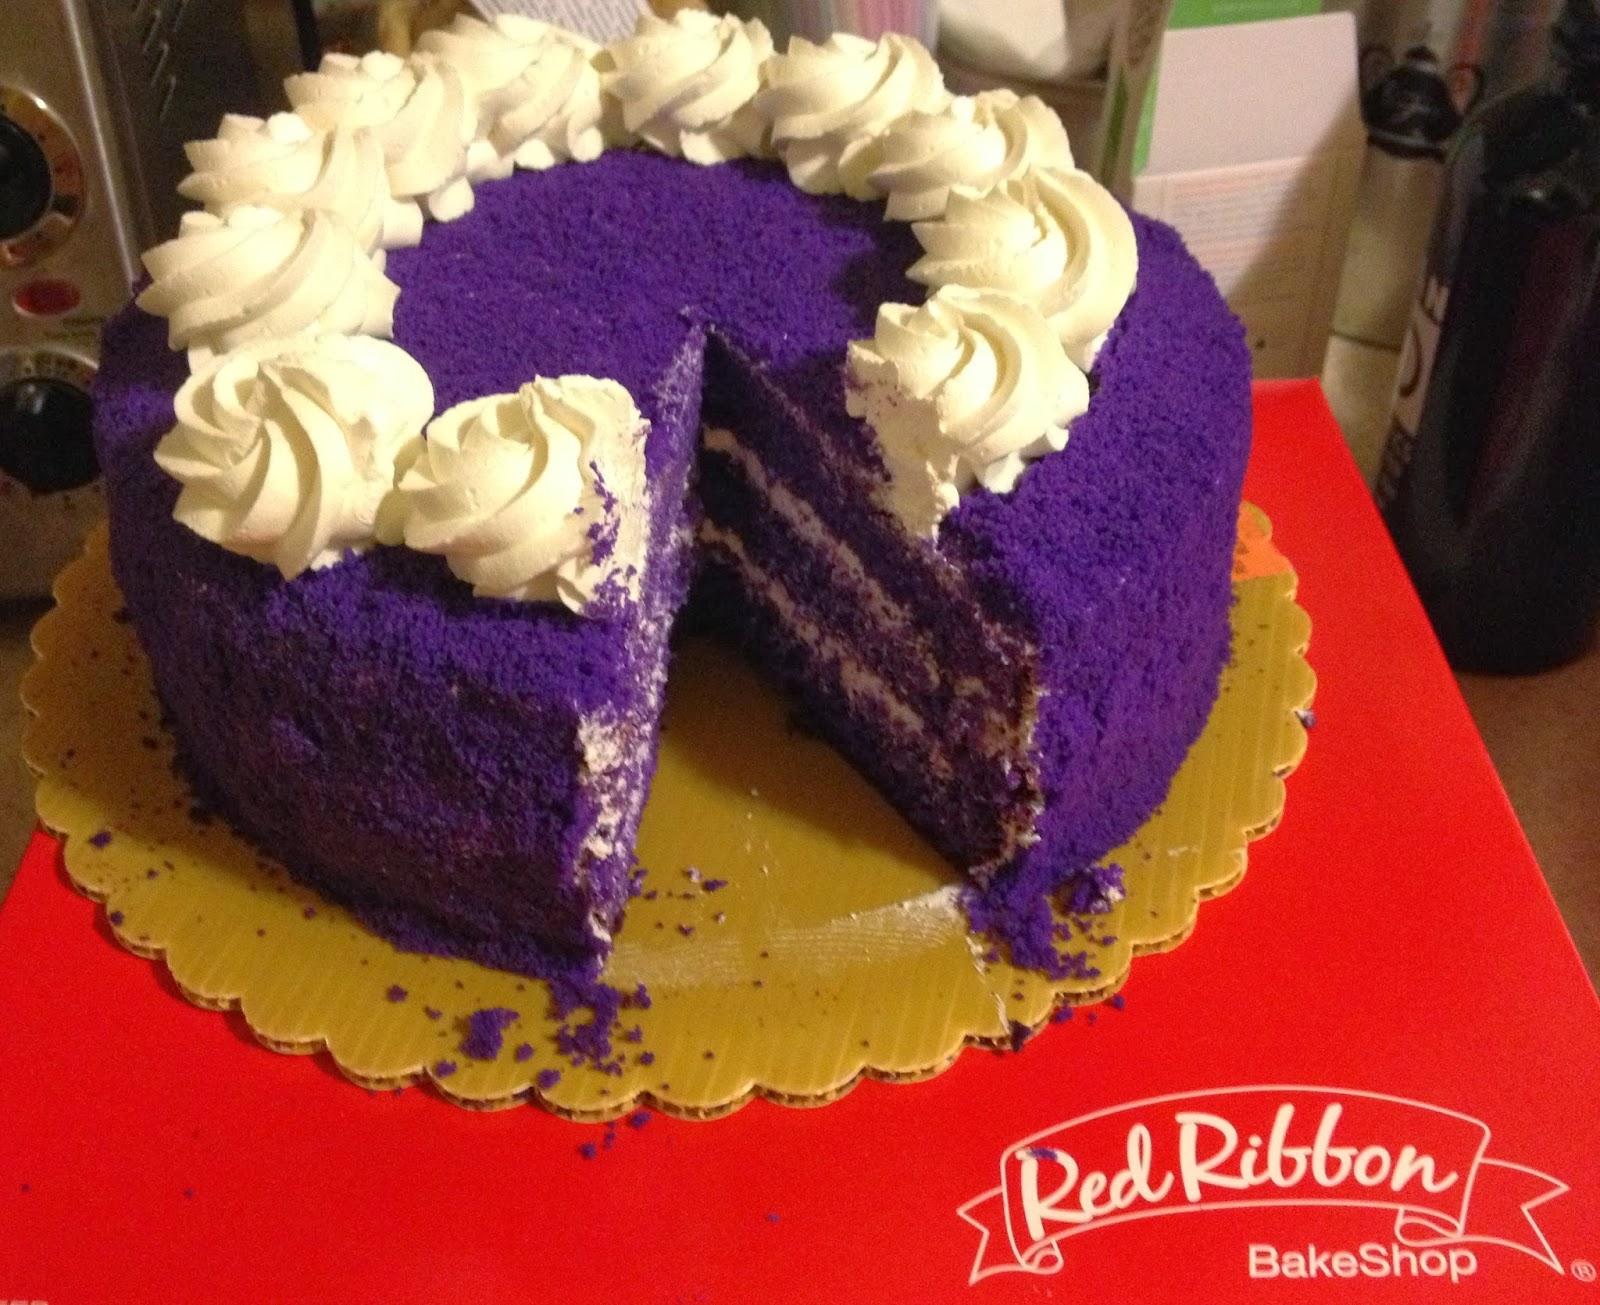 Cake Red Ribbon Recipe : Red Ribbon Cake Recipe - Bing images